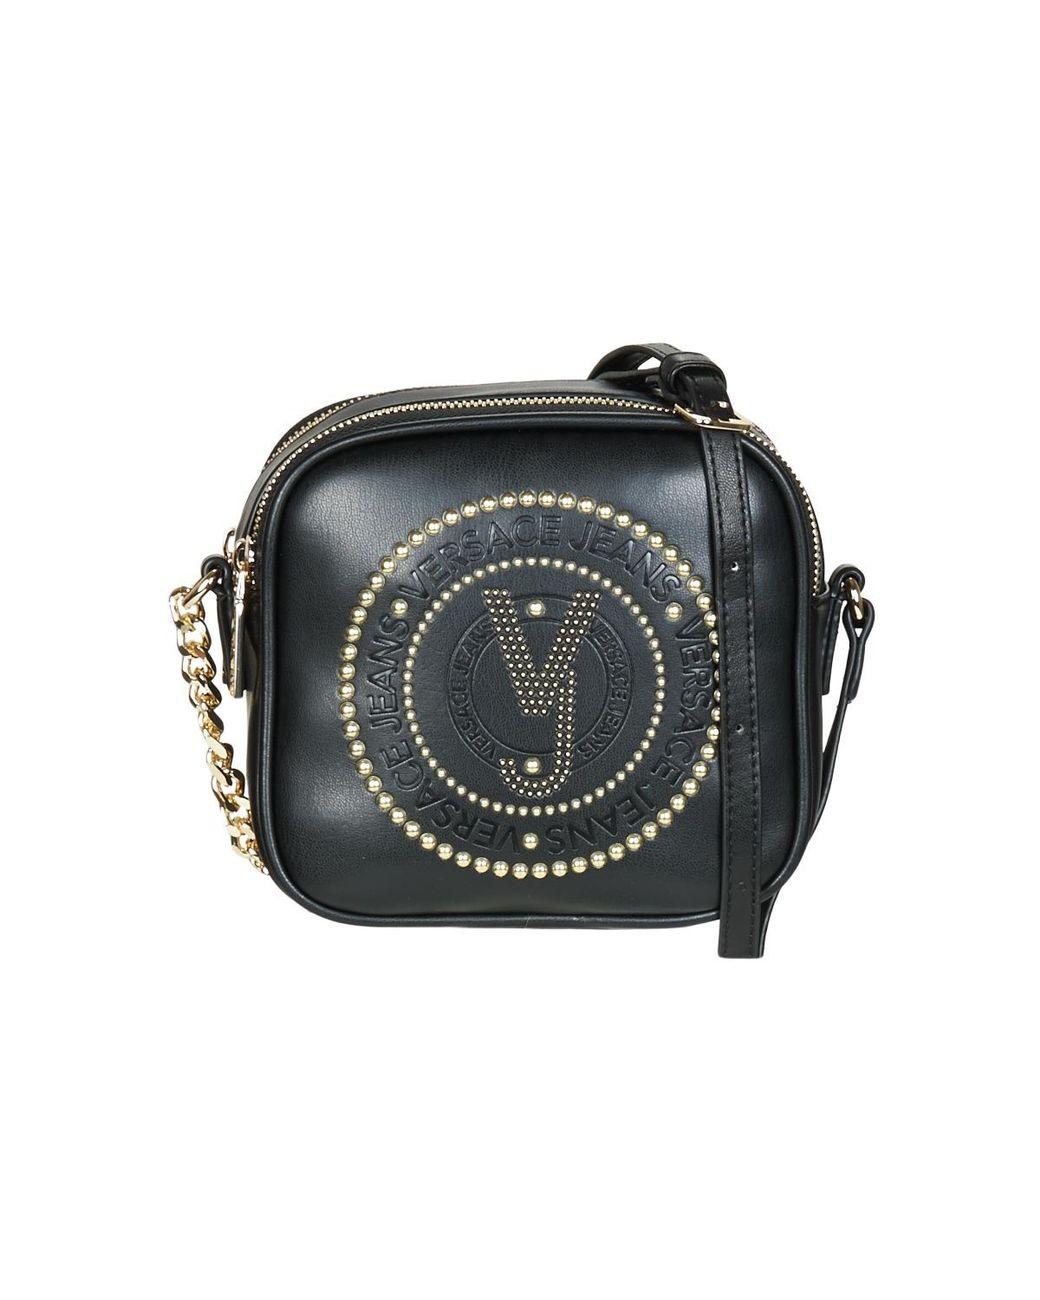 Femmes Bandouliere Jeans Noir Coloris Sac En Amacula Versace W29DHIE